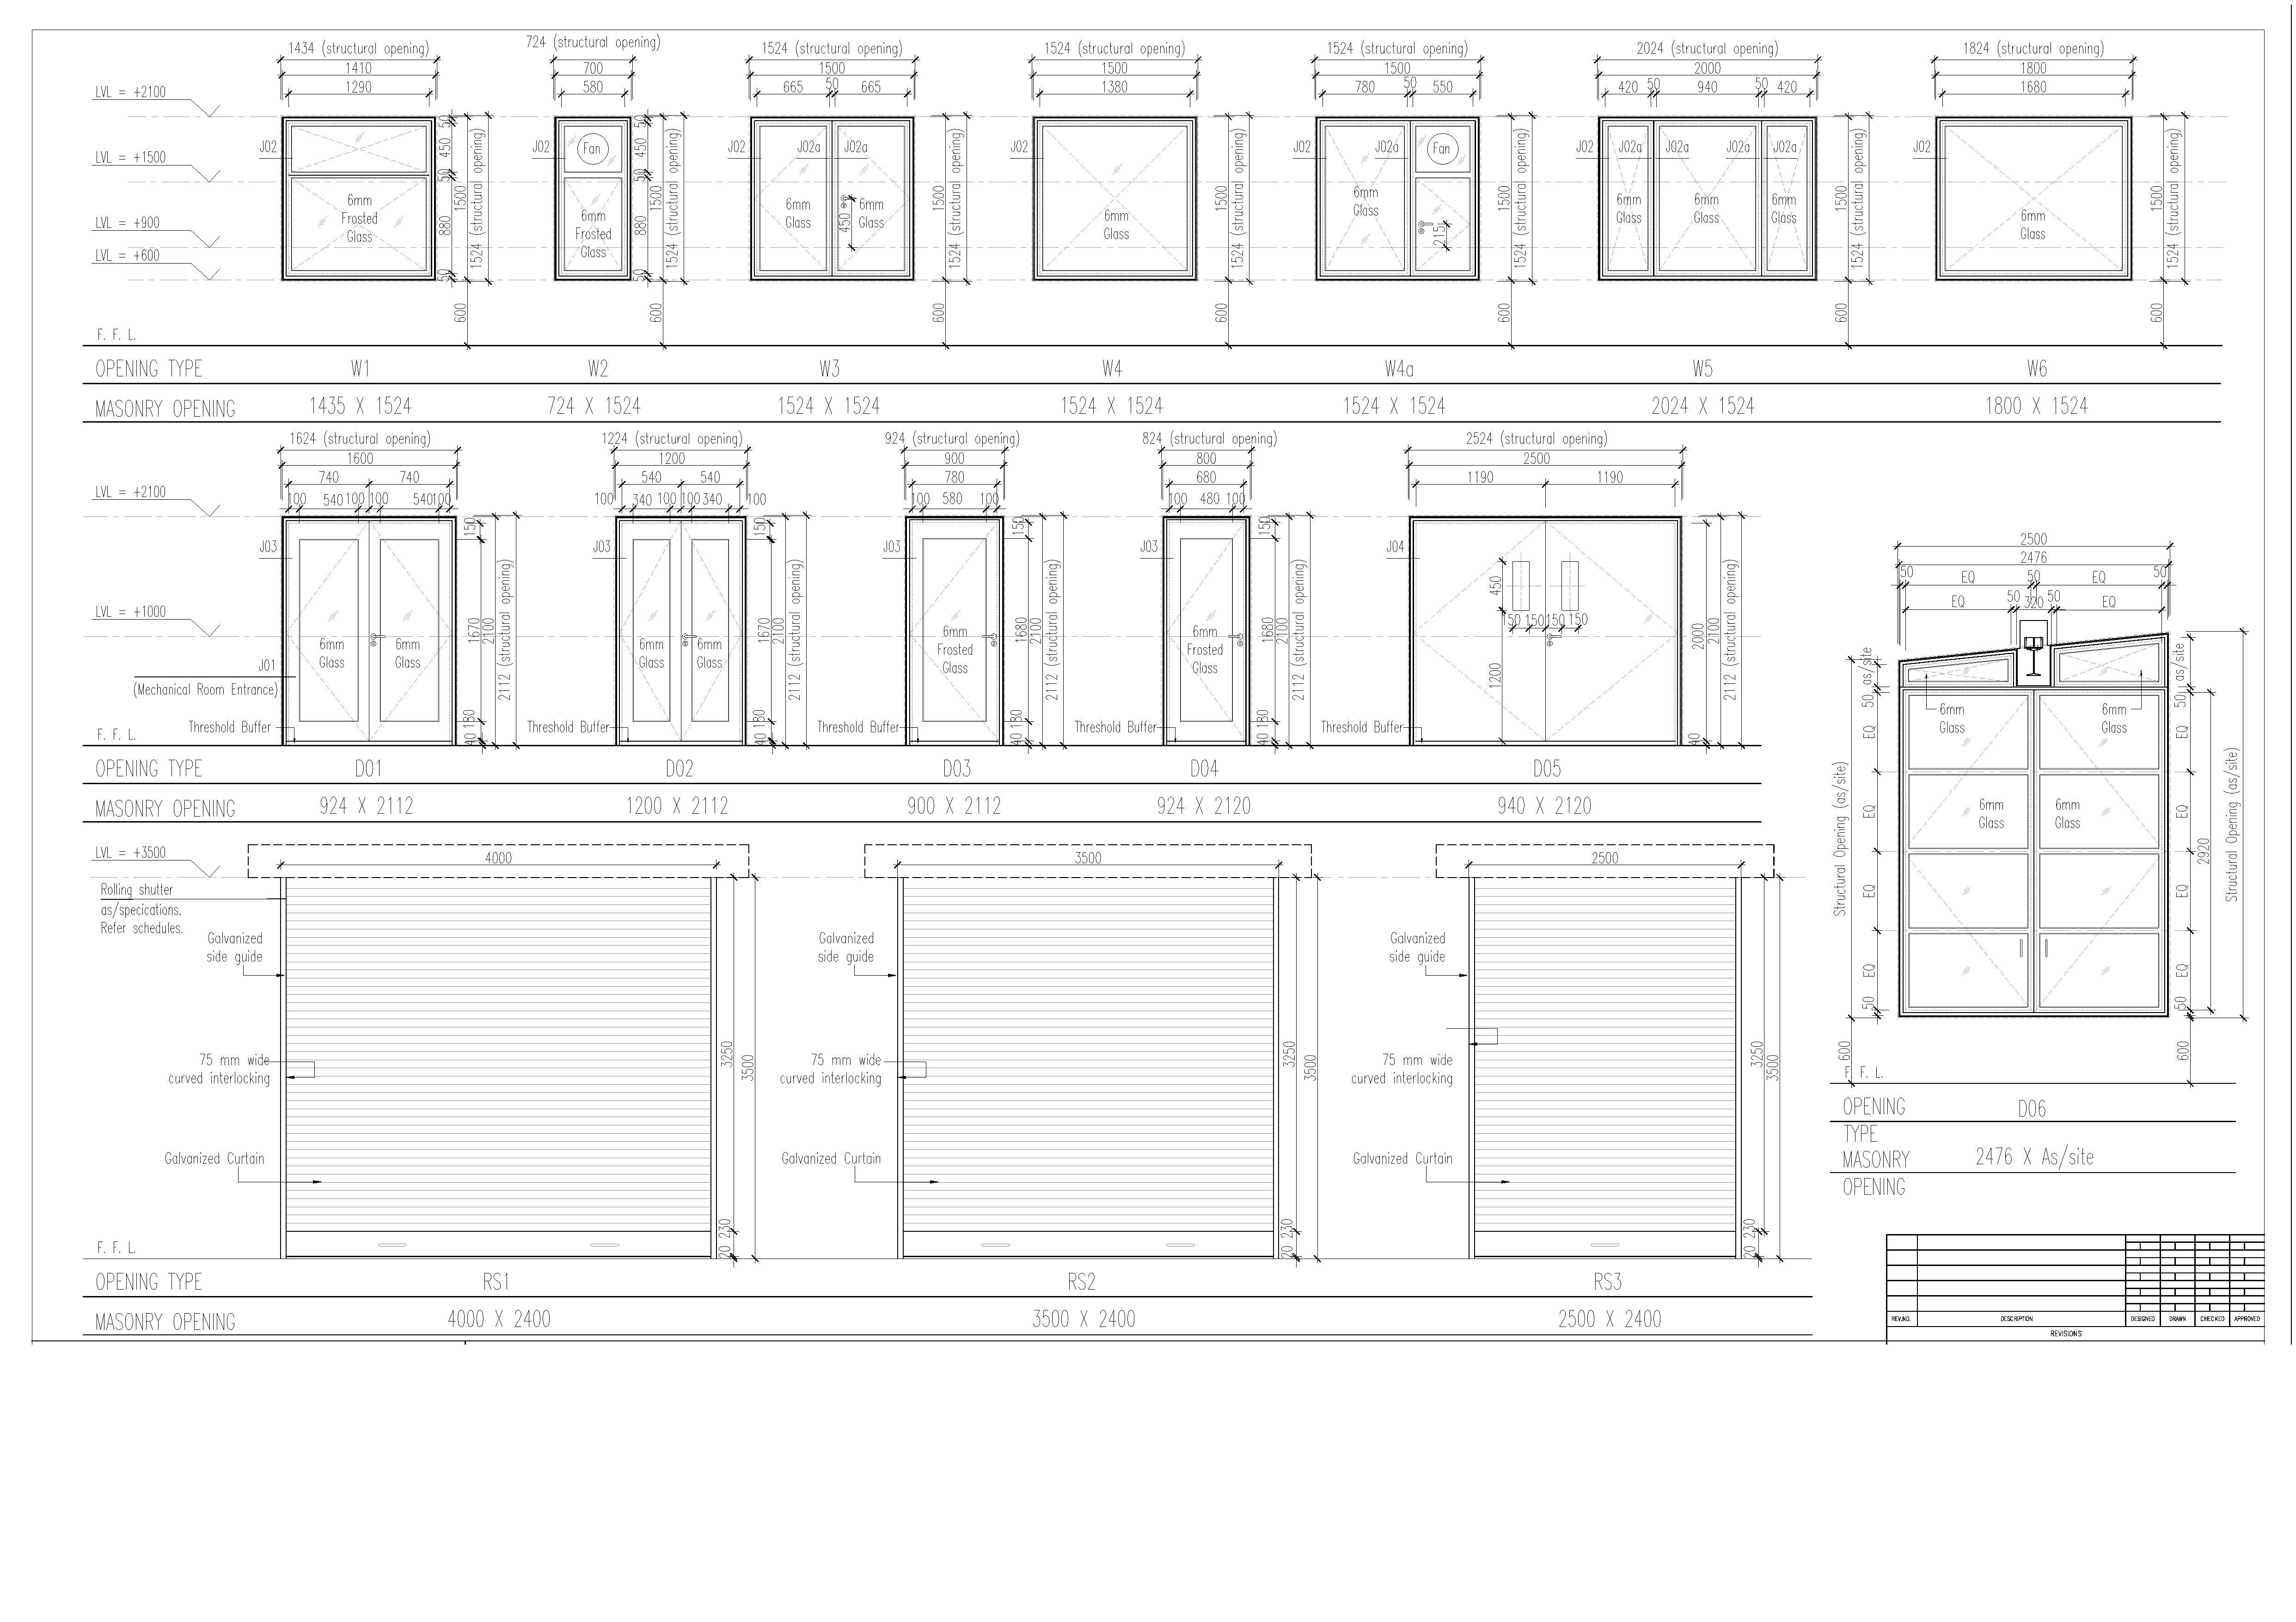 Door window detail drawings on Revit - Autodesk Community- Revit Products  sc 1 st  Autodesk forums & Door window detail drawings on Revit - Autodesk Community- Revit ...